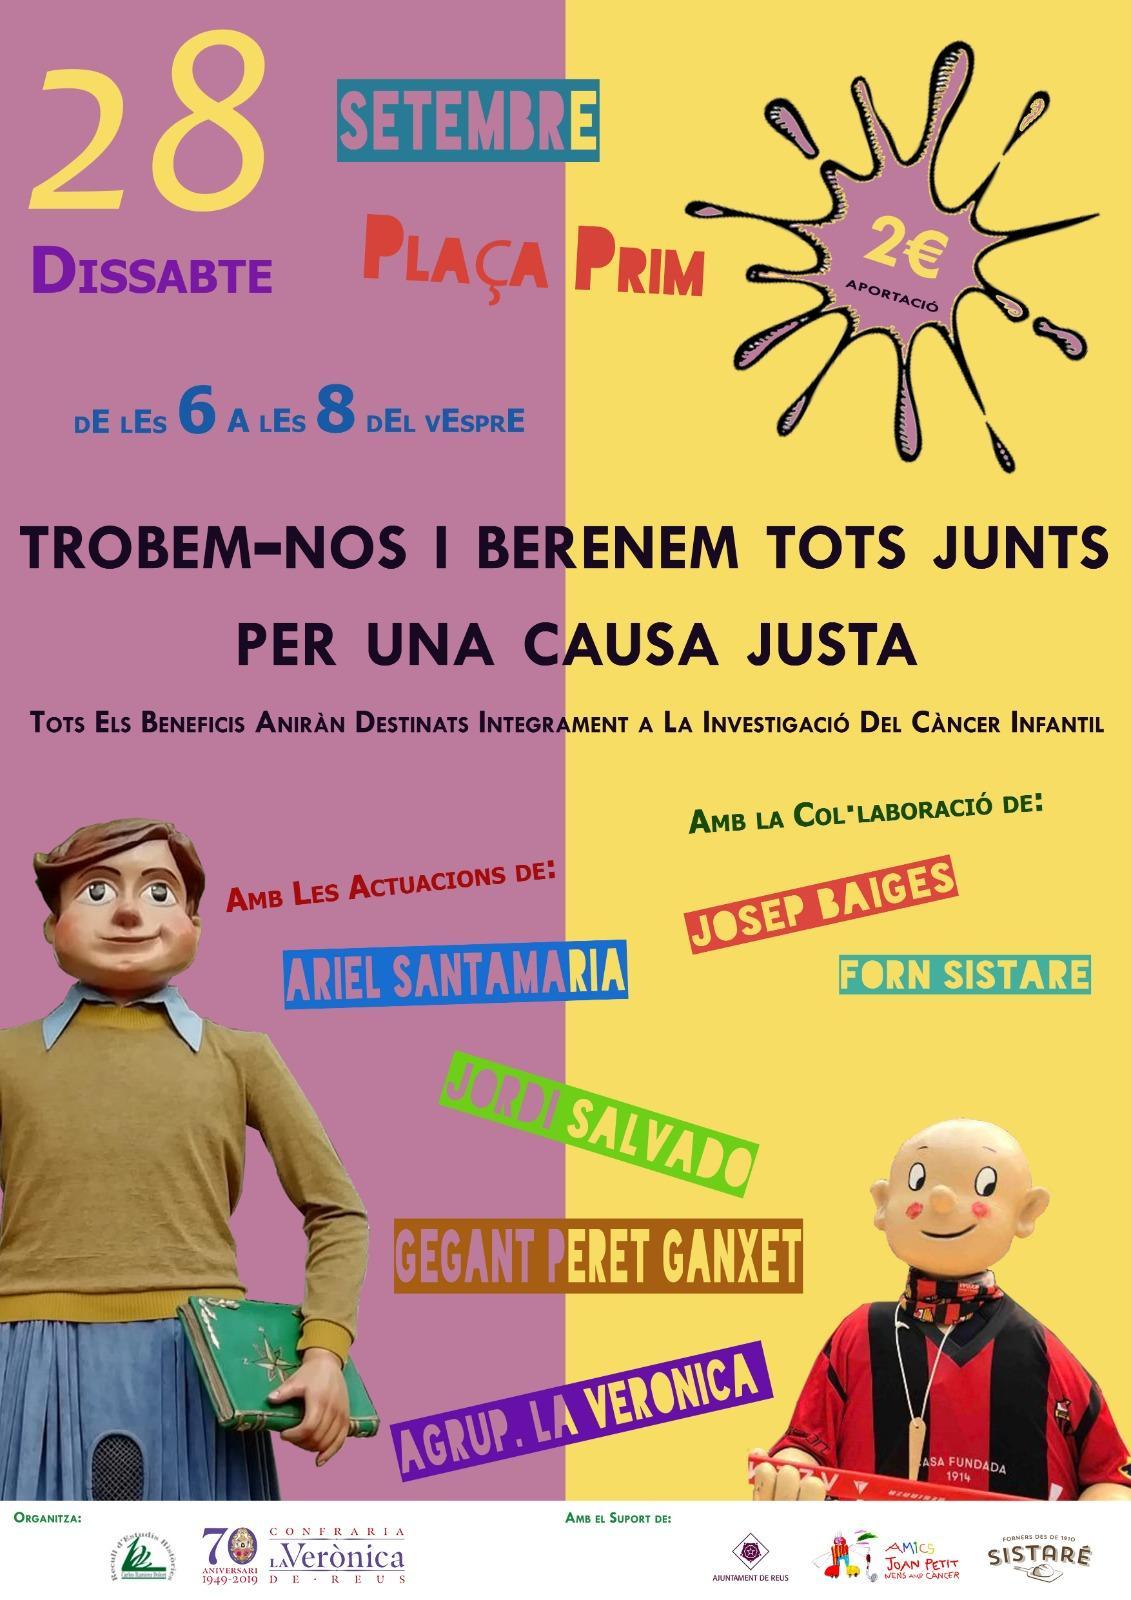 Acte solidari a favor de la Fundació Amics del Joan Petit Nens amb Càncer